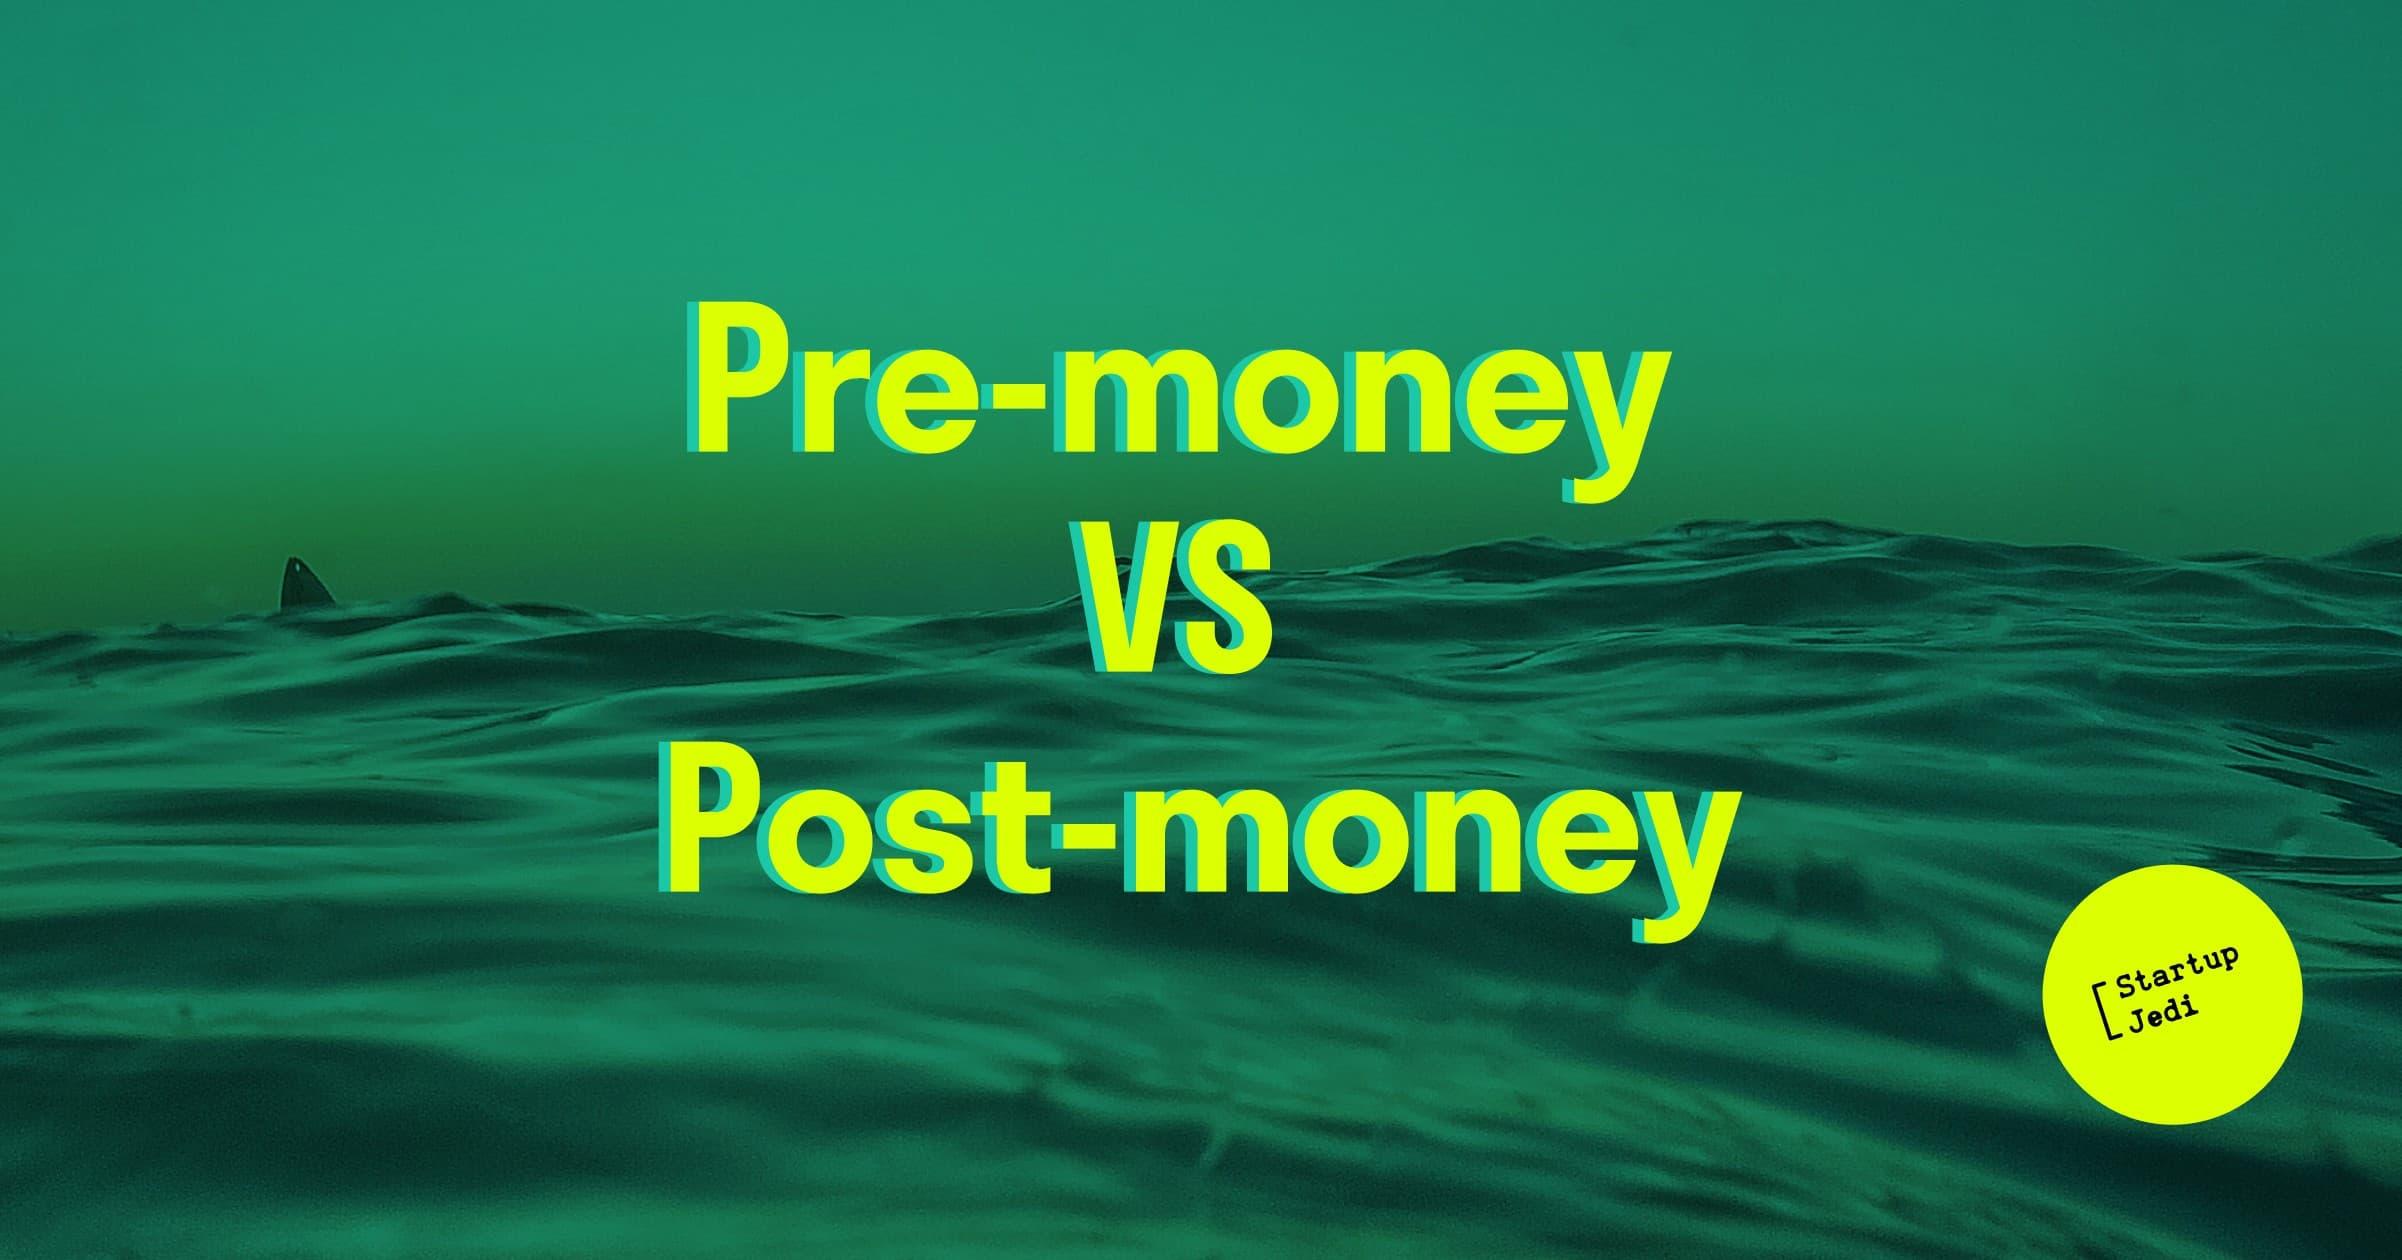 Pre-money VS Post-money